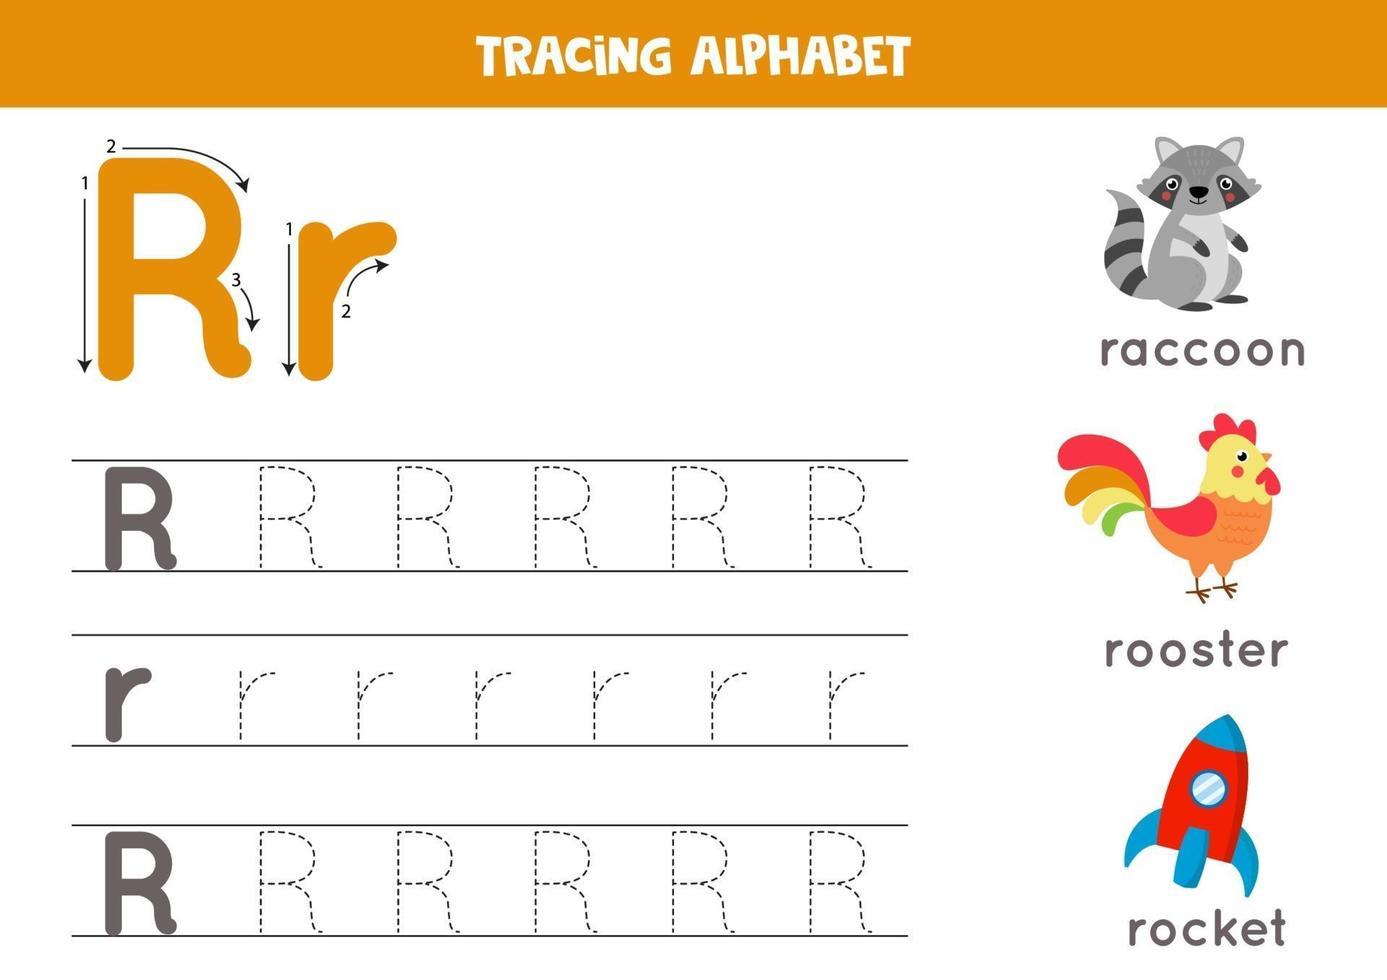 tracciando la lettera r dell'alfabeto con immagini simpatiche. vettore